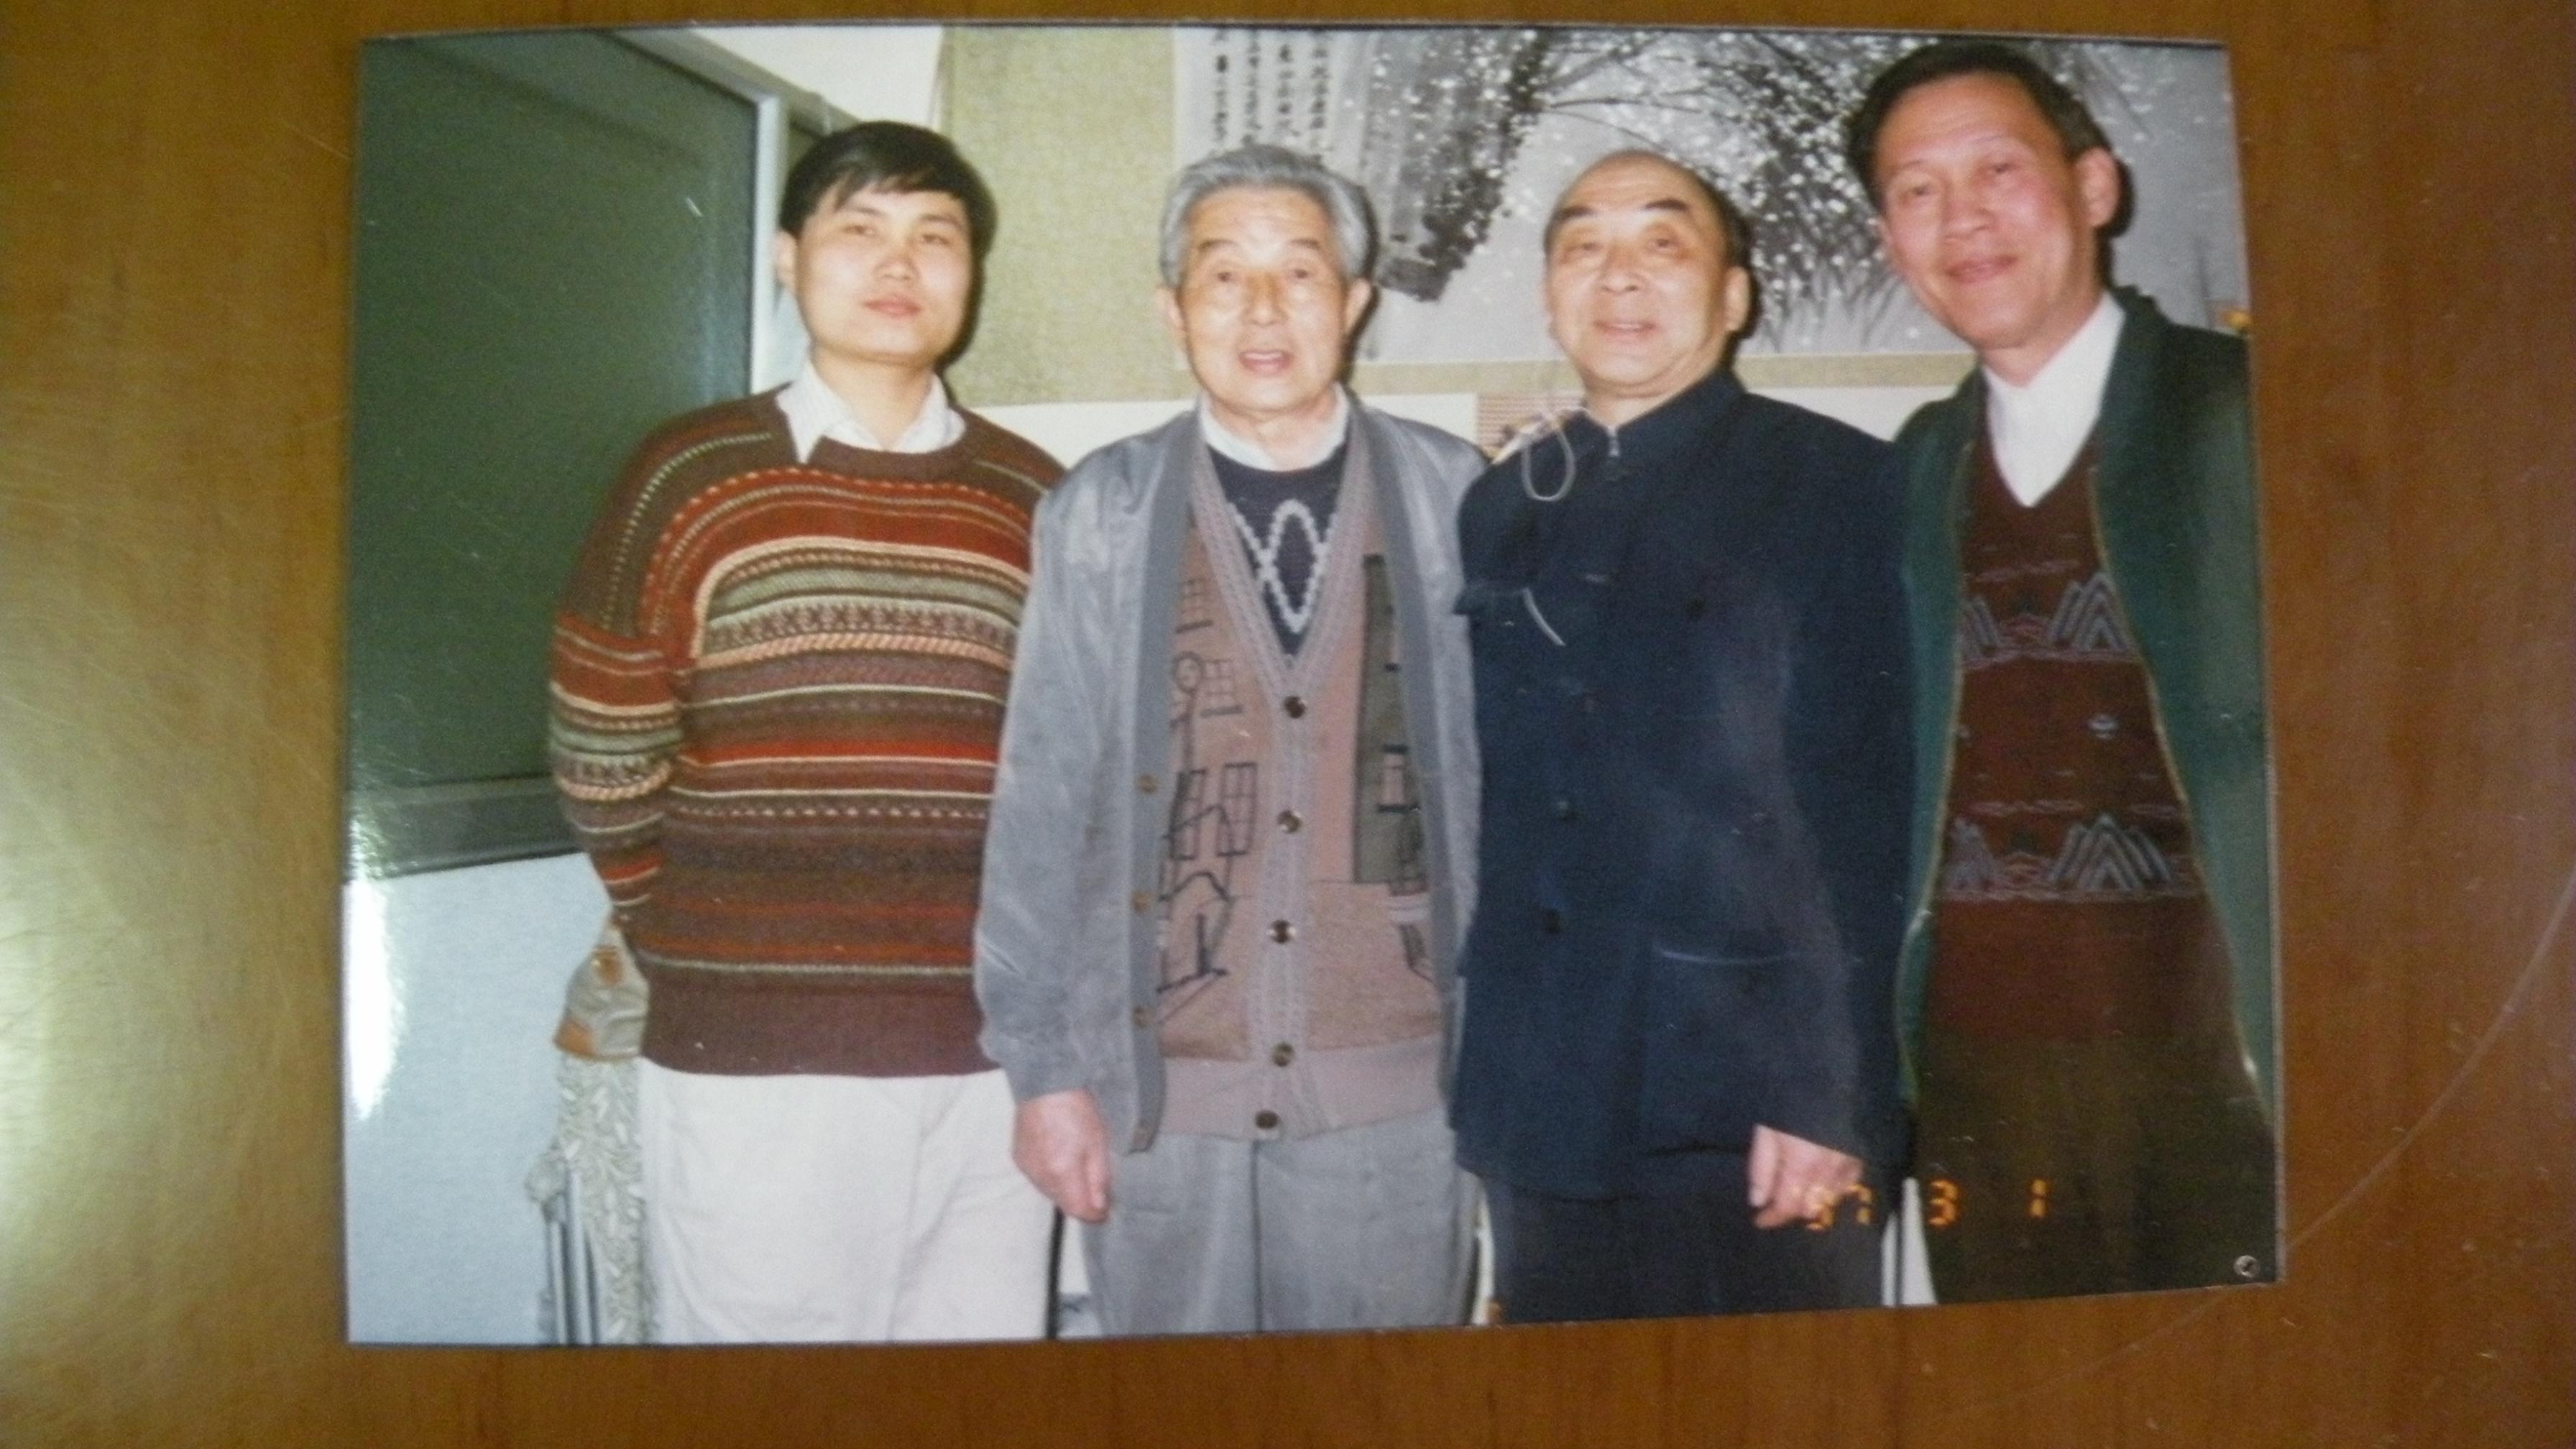 三17 1997年3月1日合影,自左起杨玉圣、邓蜀生、李世洞、黄安年.JPG